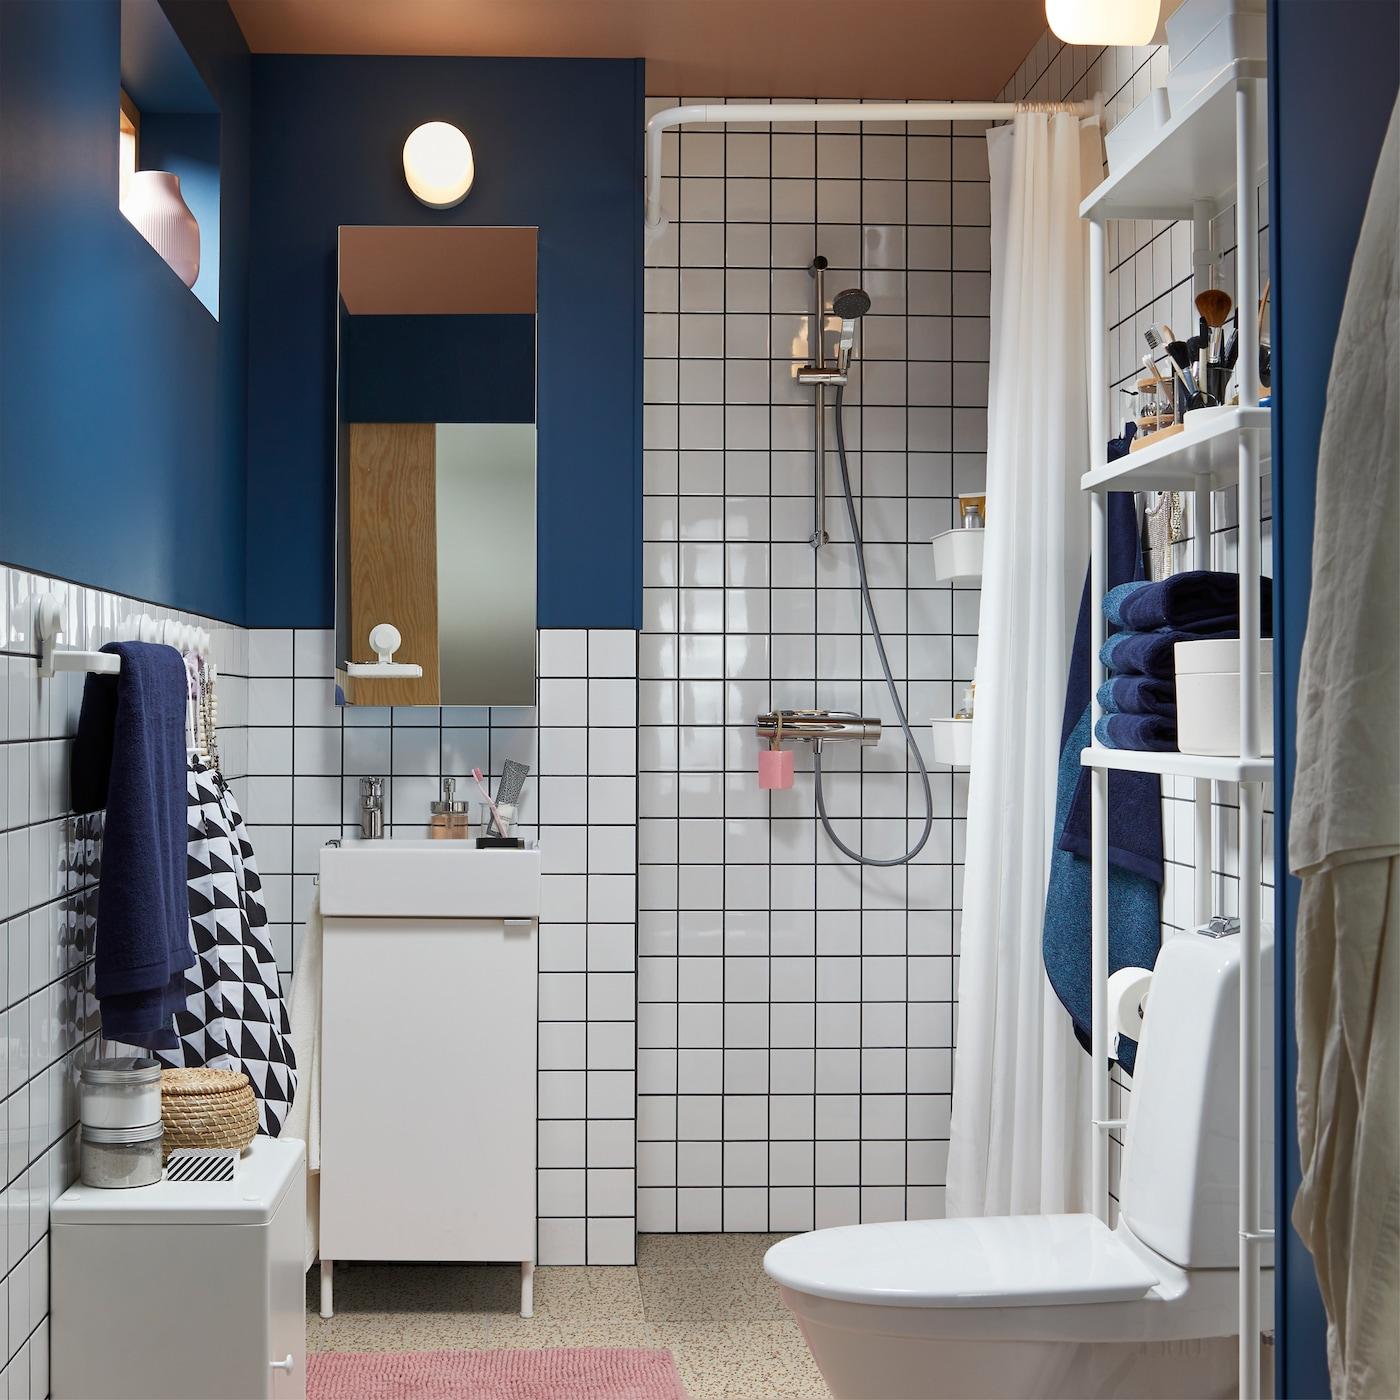 Lille badeværelse med brusebad, hvide møbler, hvide fliser, mørkeblå vægge, en lyserød bademåtte, et spejlskab og blå håndklæder.